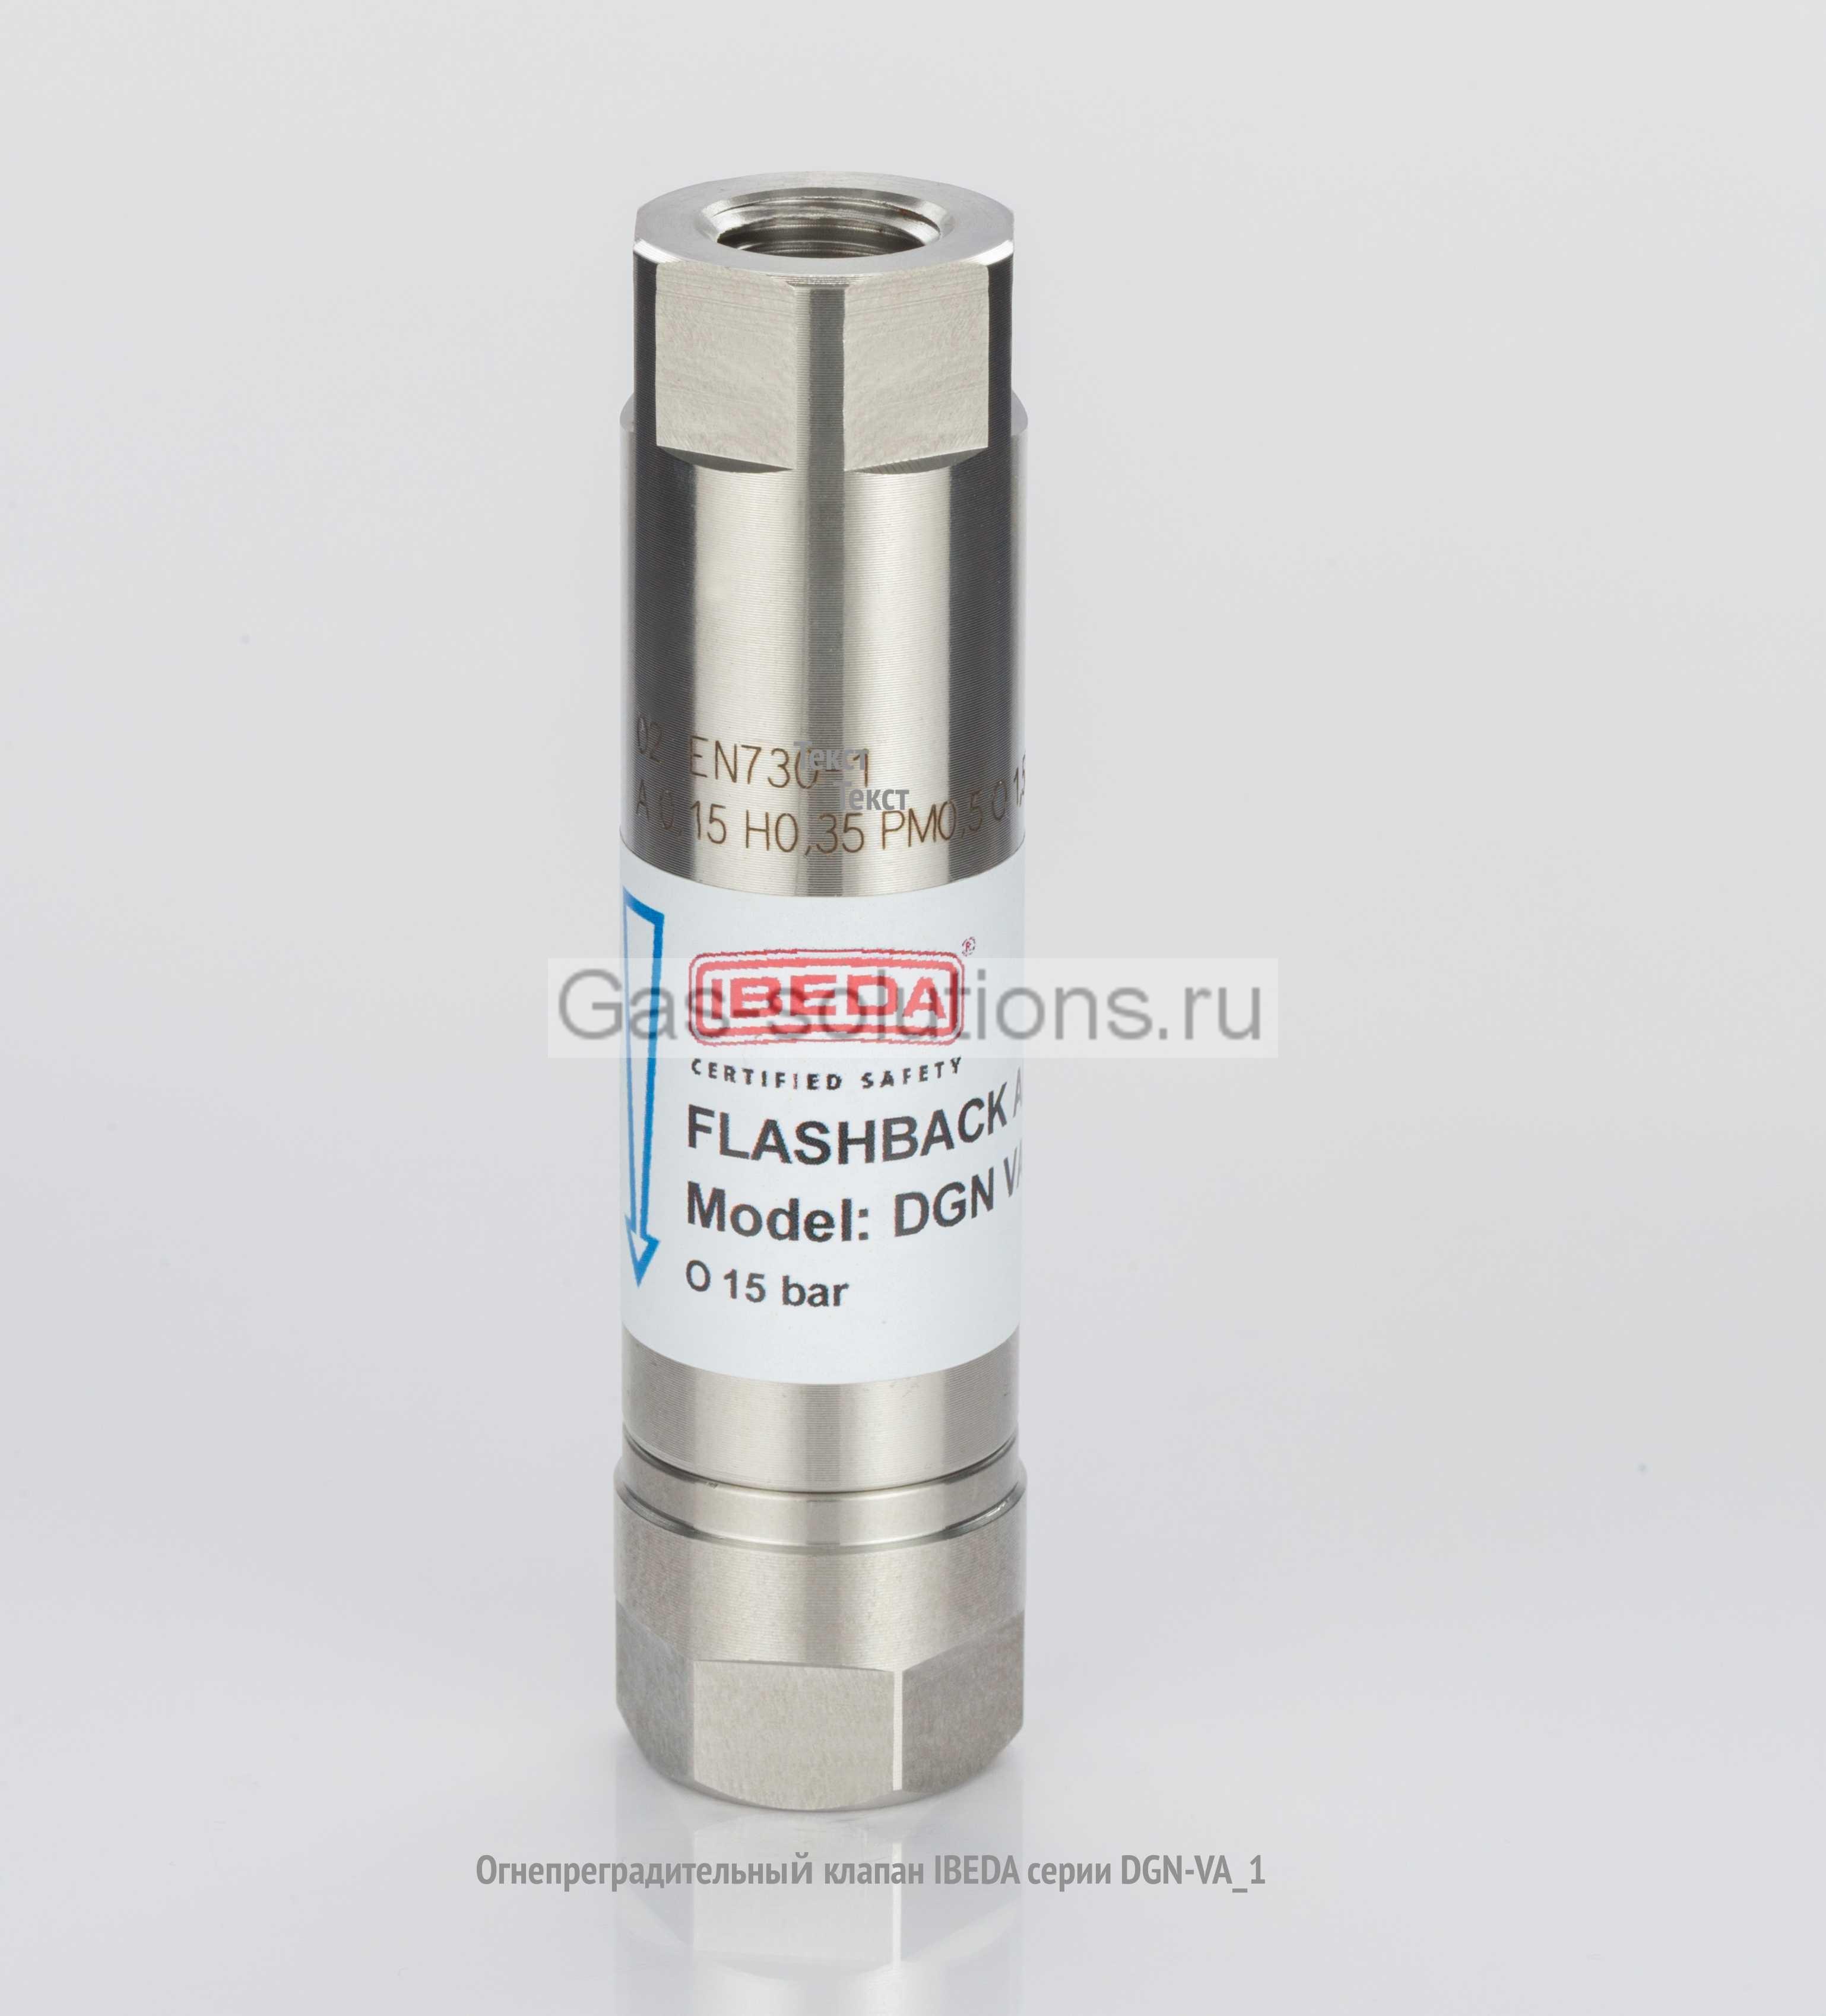 Огнепреградительный клапан IBEDA серии DGN-VA_1